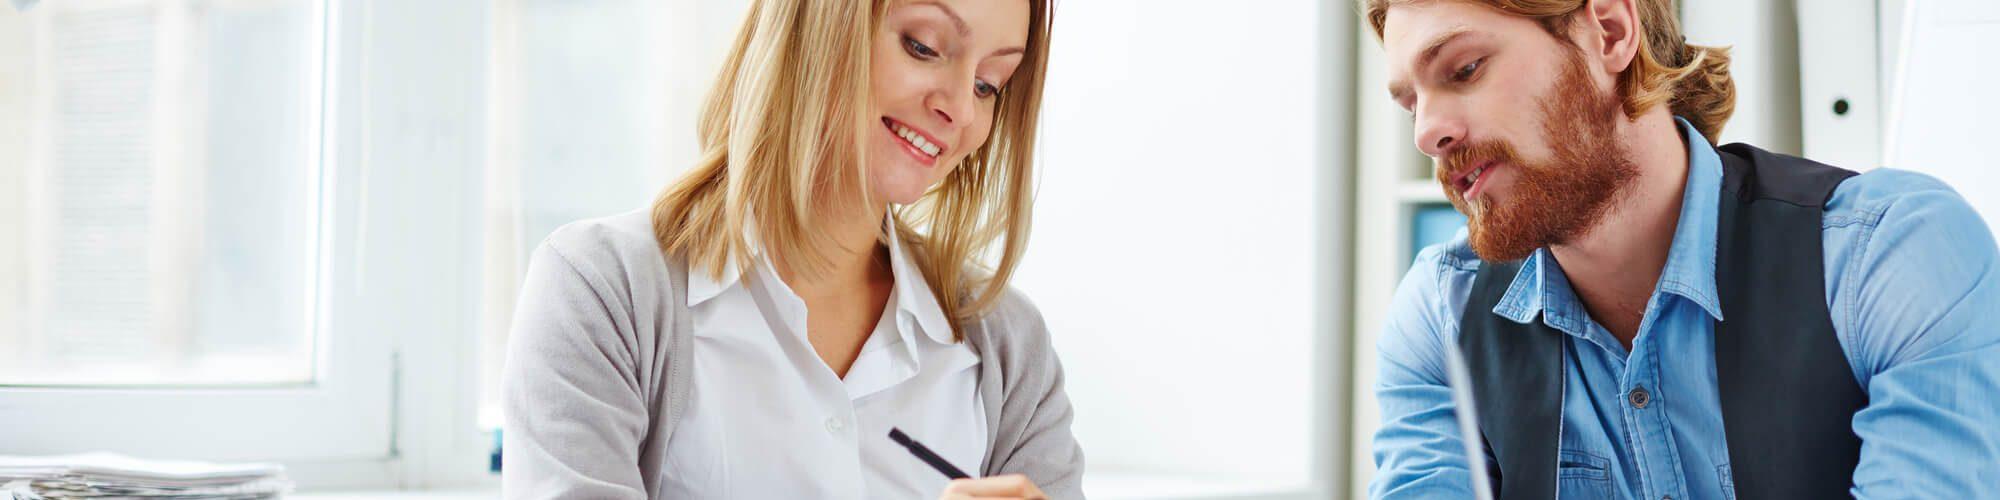 o-que-considerar-ao-contratar-consultoria-em-recursos-humanos